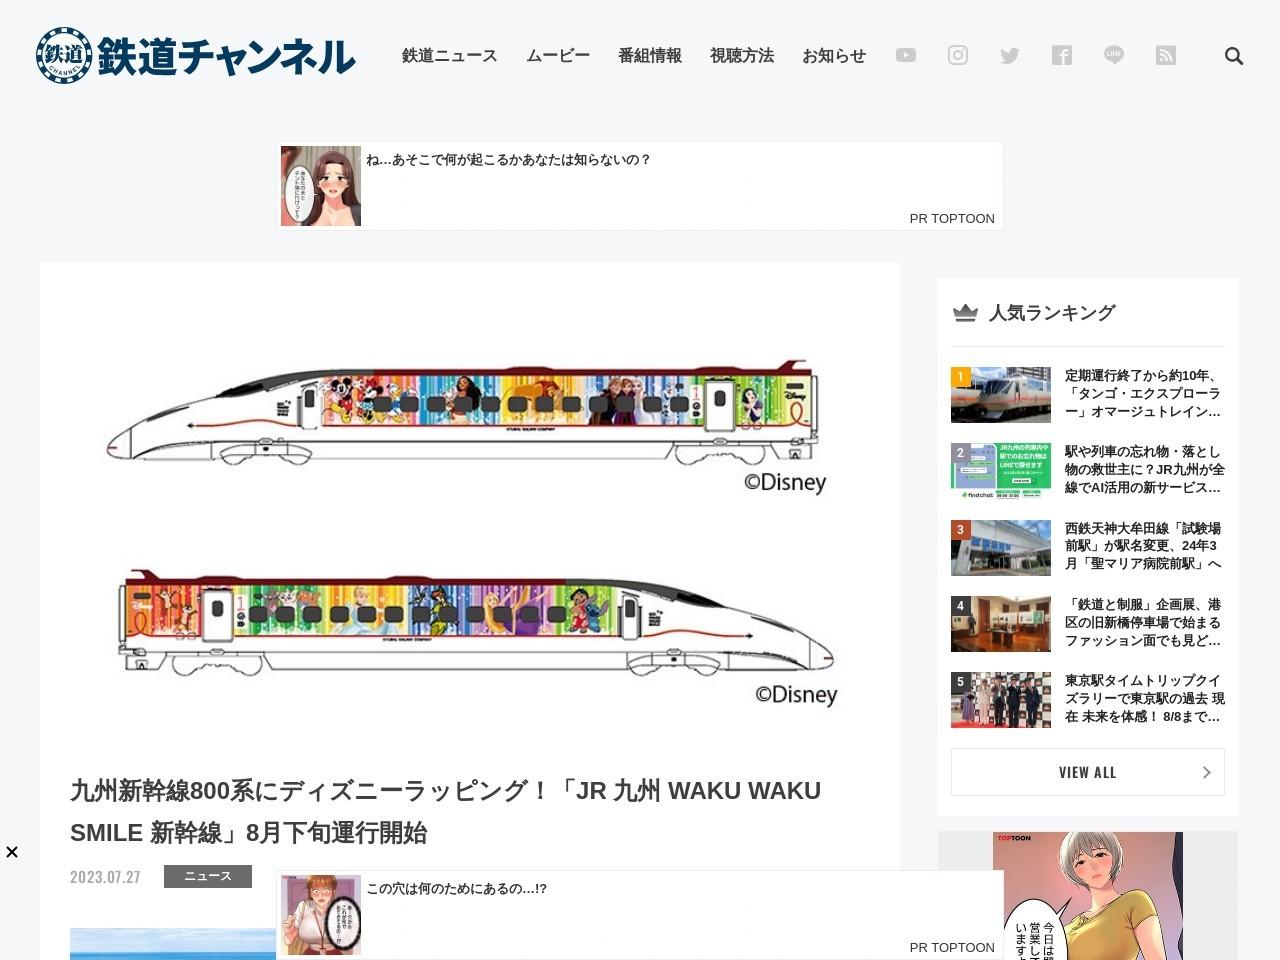 福島県がJR只見線沿線のインバウンド促進プロモーション動画を公開